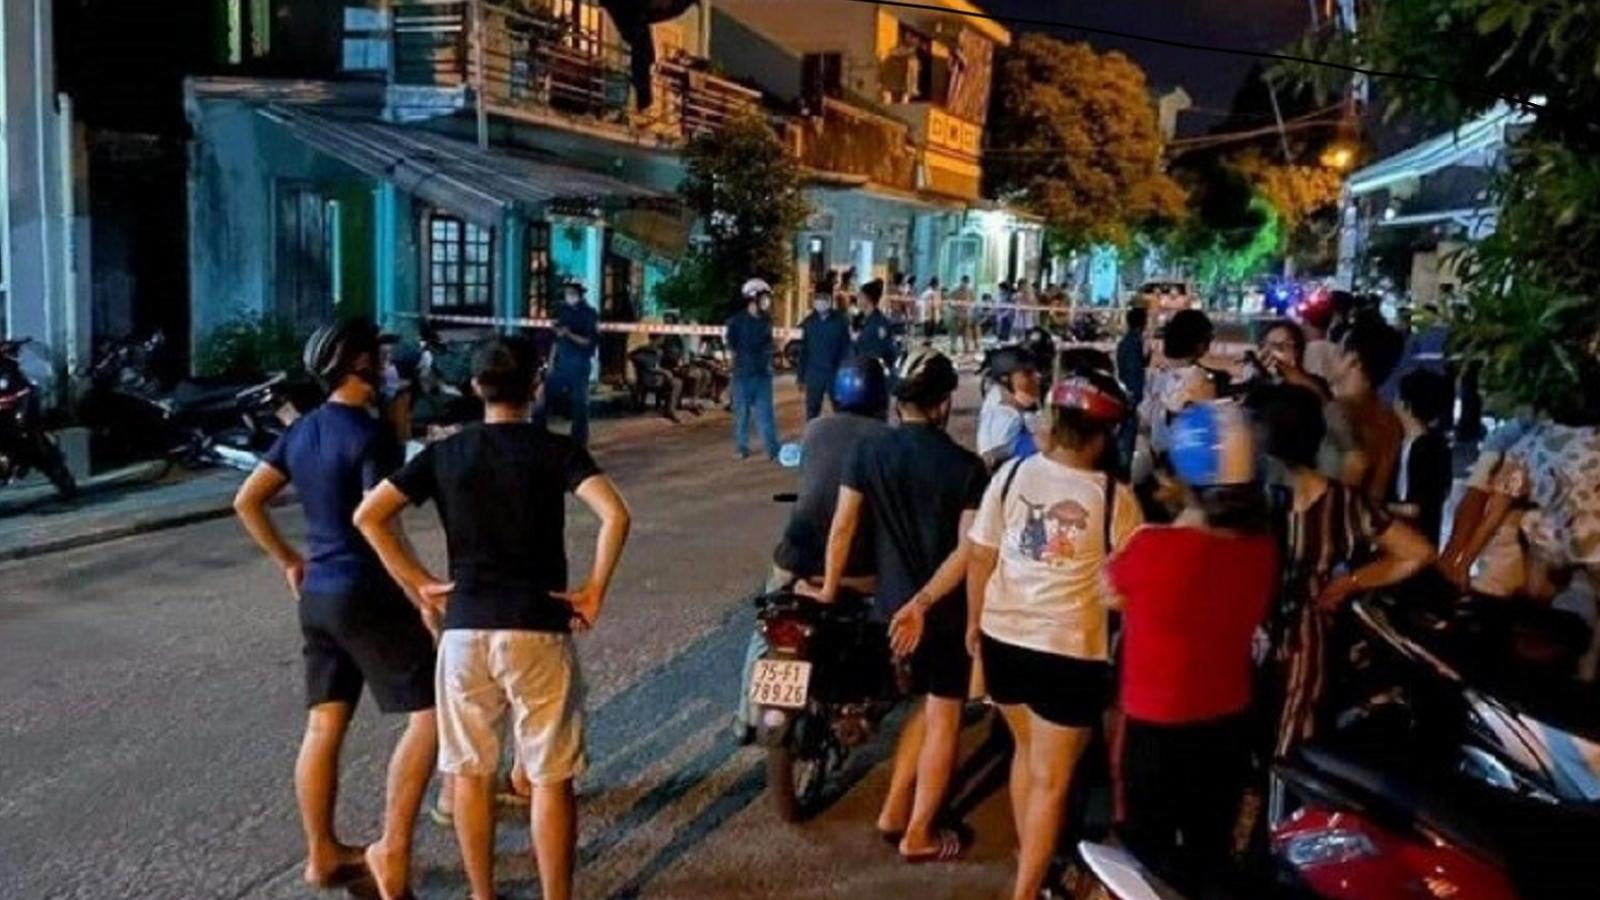 Vợ chồng tử vong trong căn phòng khóa trái cửa ở Thừa Thiên - Huế